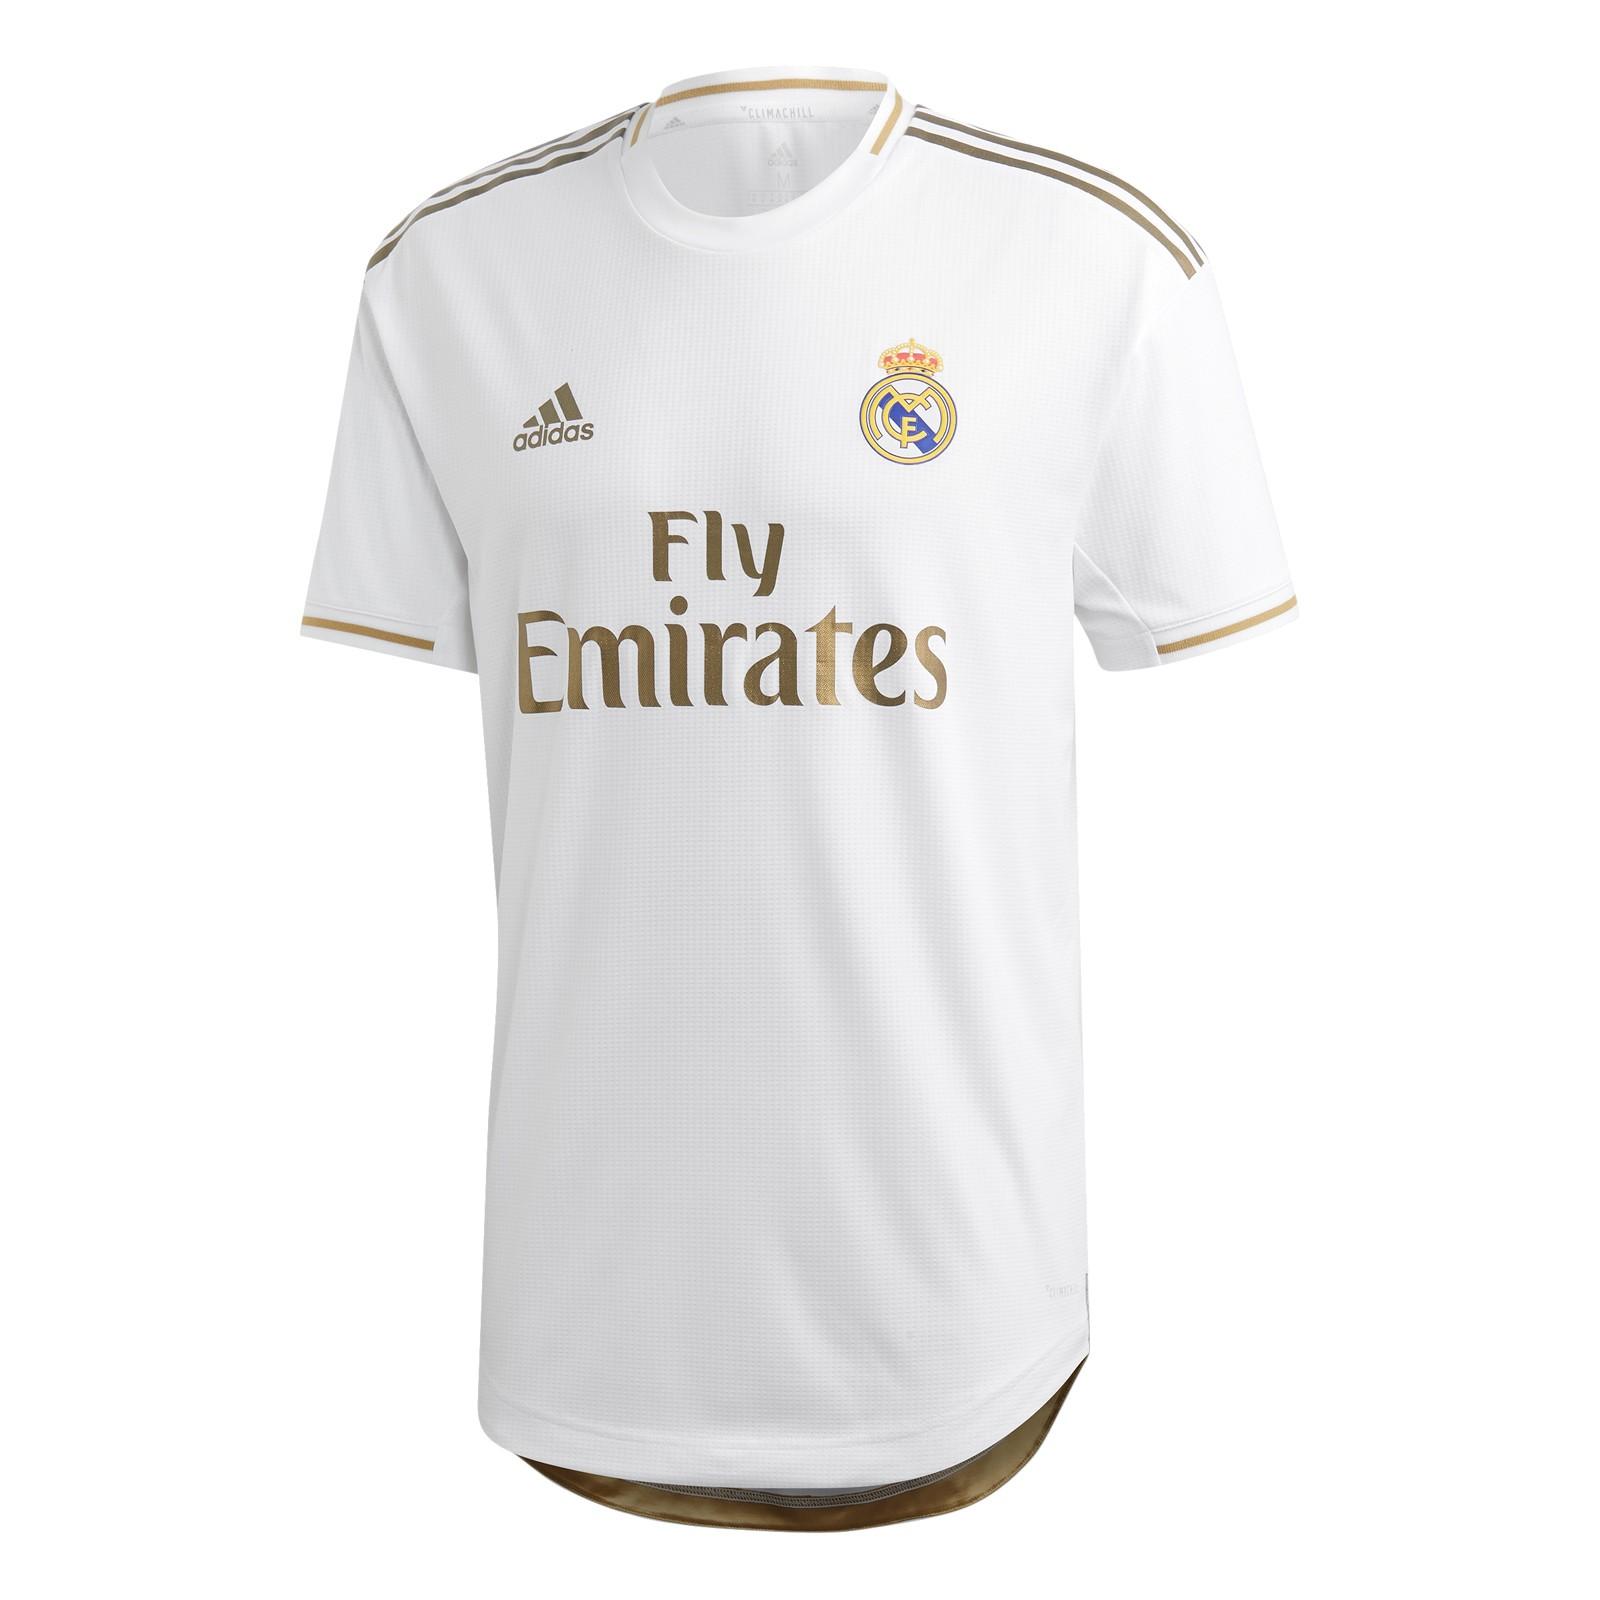 皇家马德里2019-20赛季球员版主场球衣